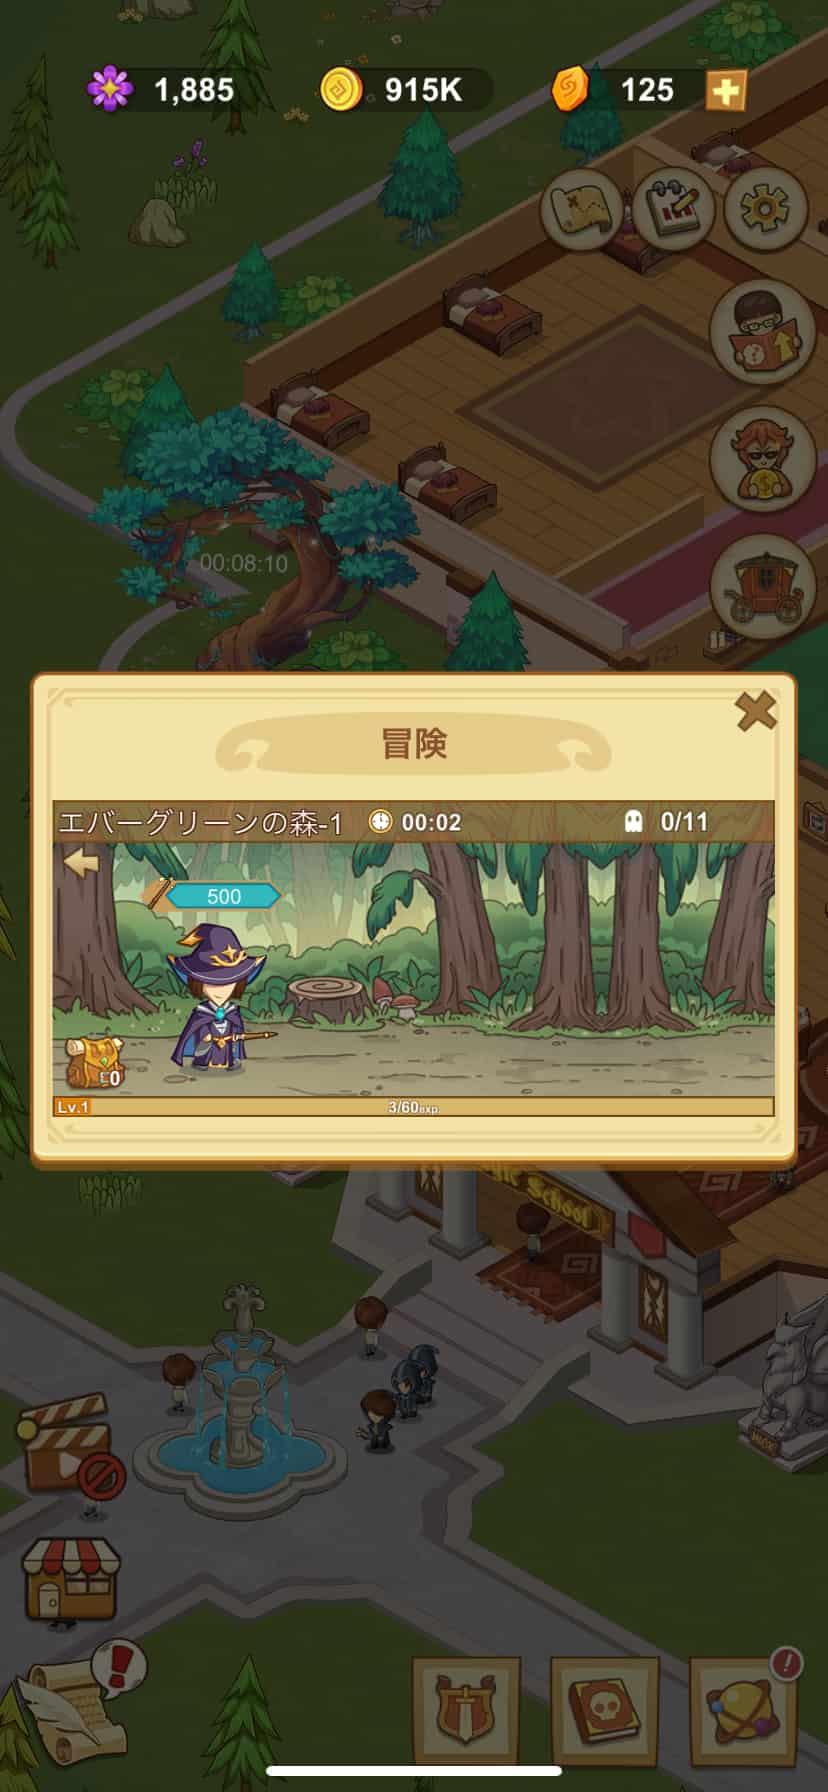 魔法学園の物語、イベント